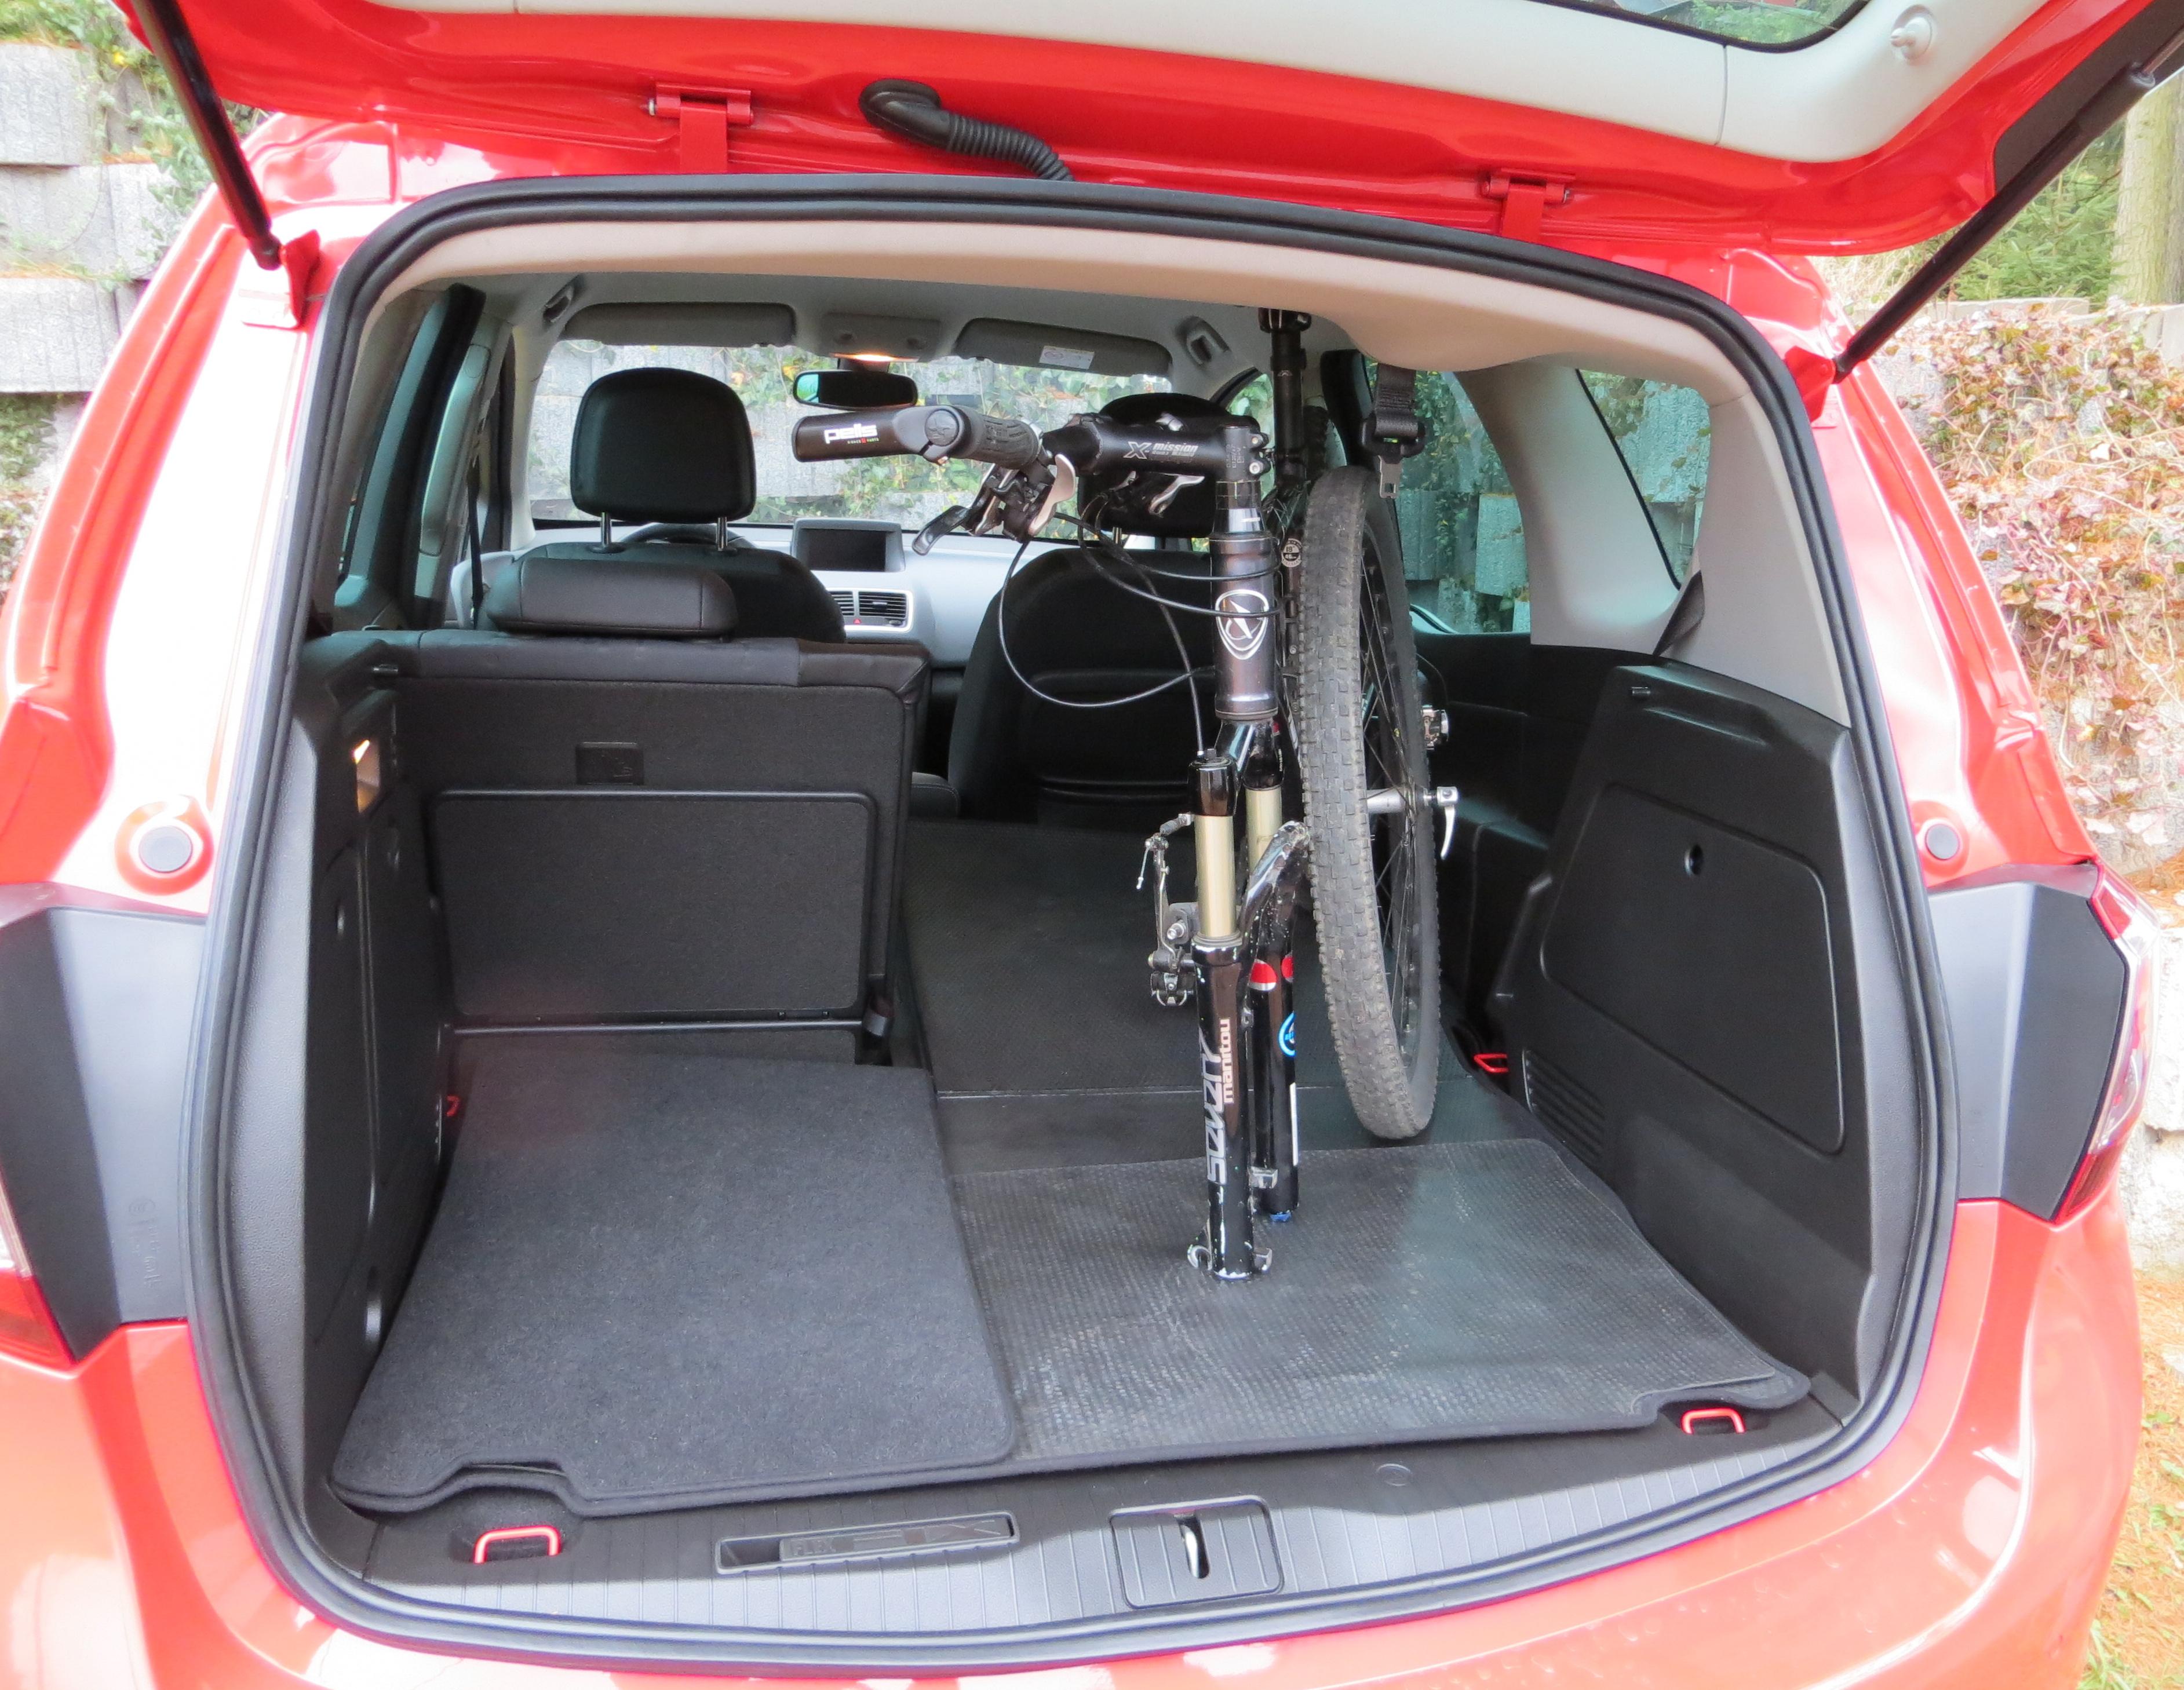 Interiér Merivy je mimořádně variabilní díky systému sklápění zadních sedadel do podlahy. Do kabiny se po snadné úpravě vejde dospělé kolo bez nutnosti vyjmout zadní kolo z rámu a ještě zbude spoustu dalšího místa k využití.